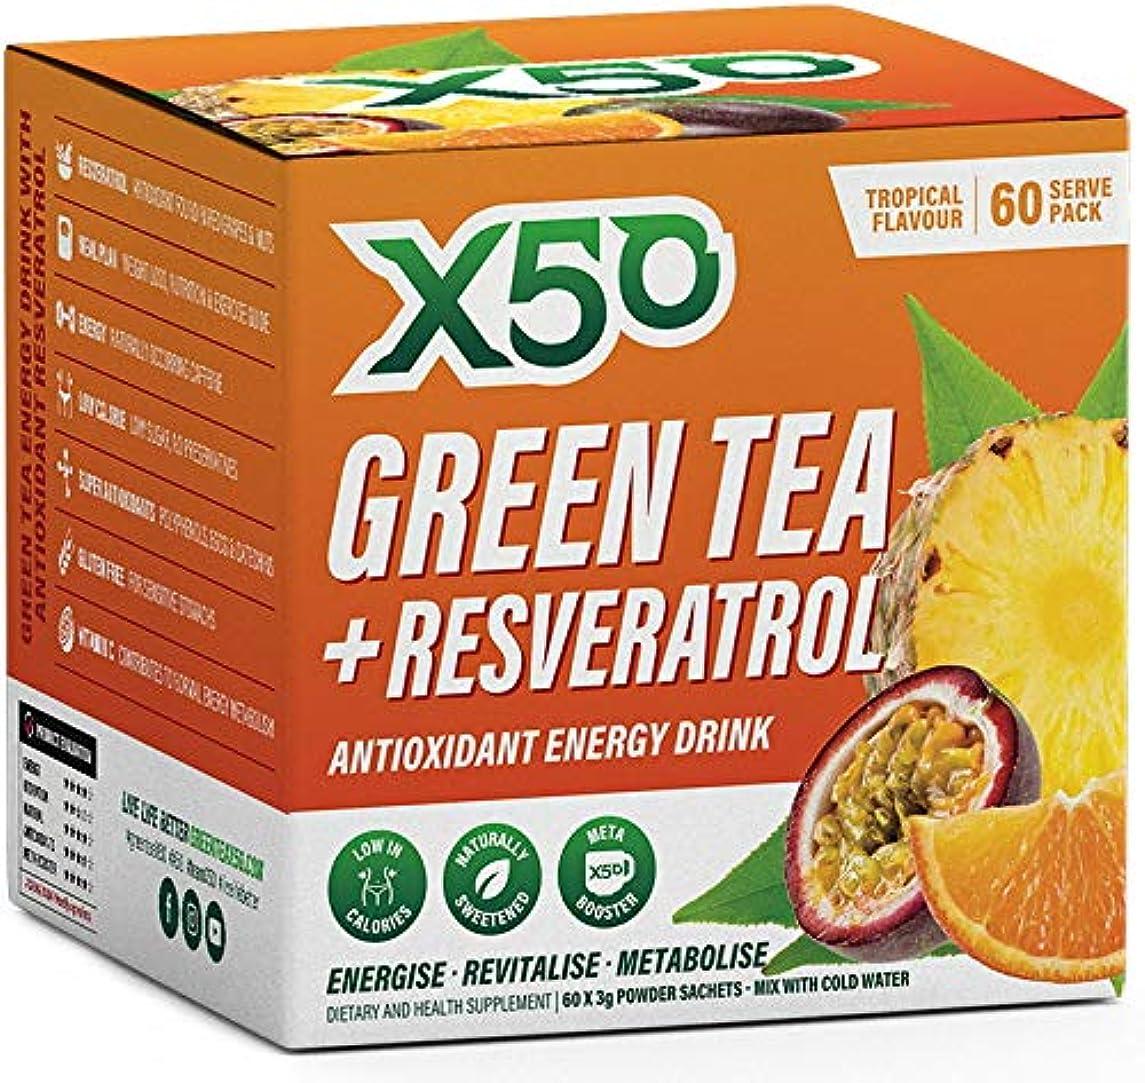 が欲しい賢明な折り目Green Tea X50 [海外直送品] オーストラリア保健省?行政局認可製品 (Tropical(トロピカル味) x60袋)